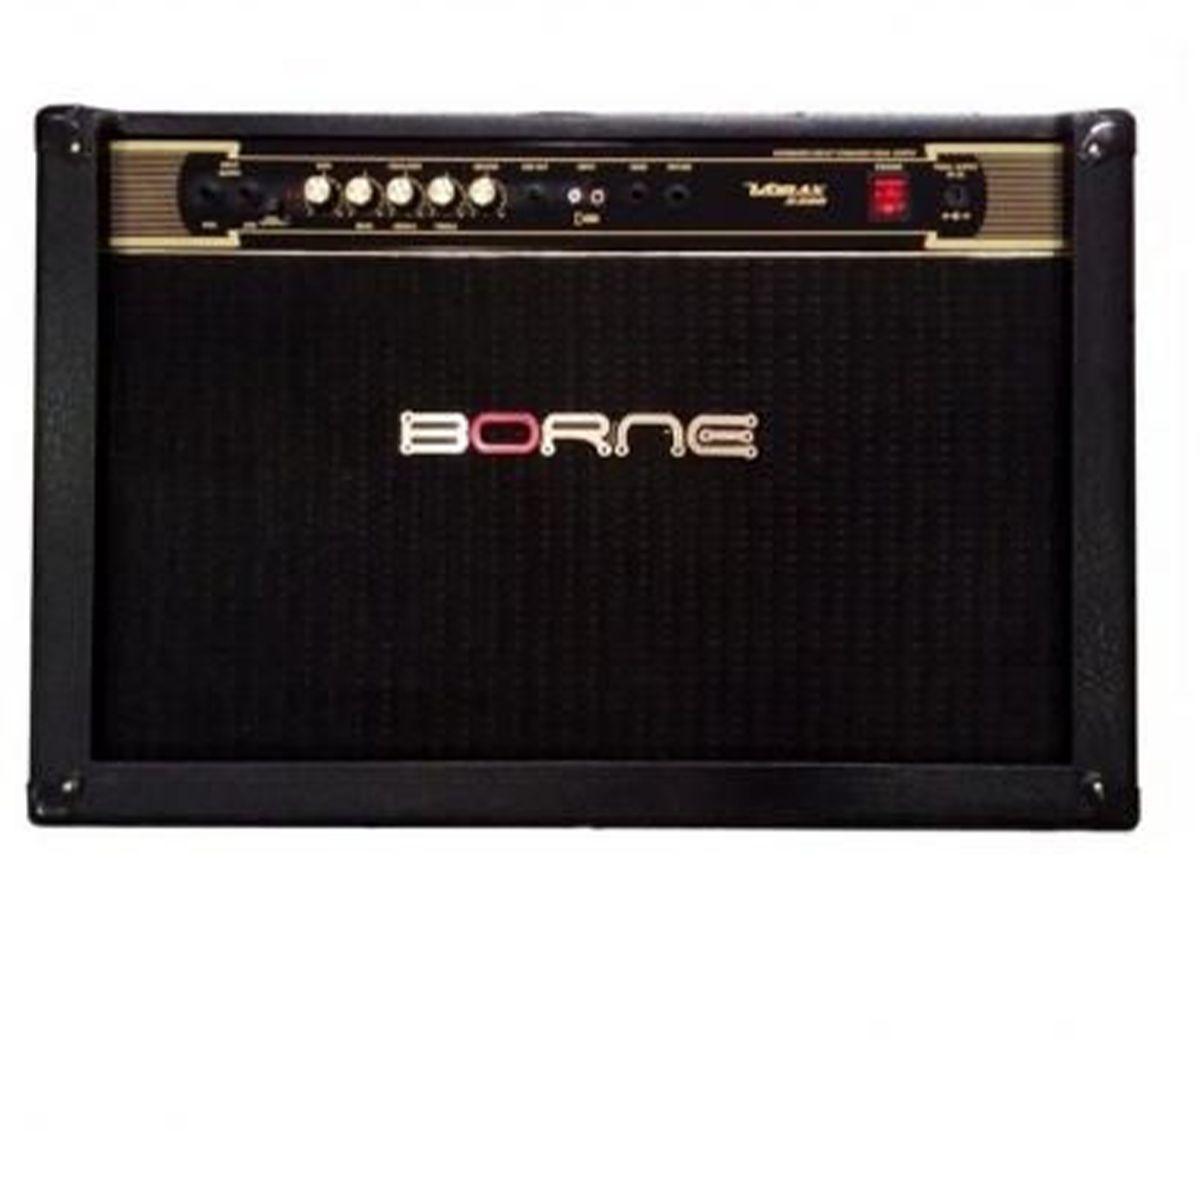 Amplificador para Guitarra Borne Vorax 2200 120w